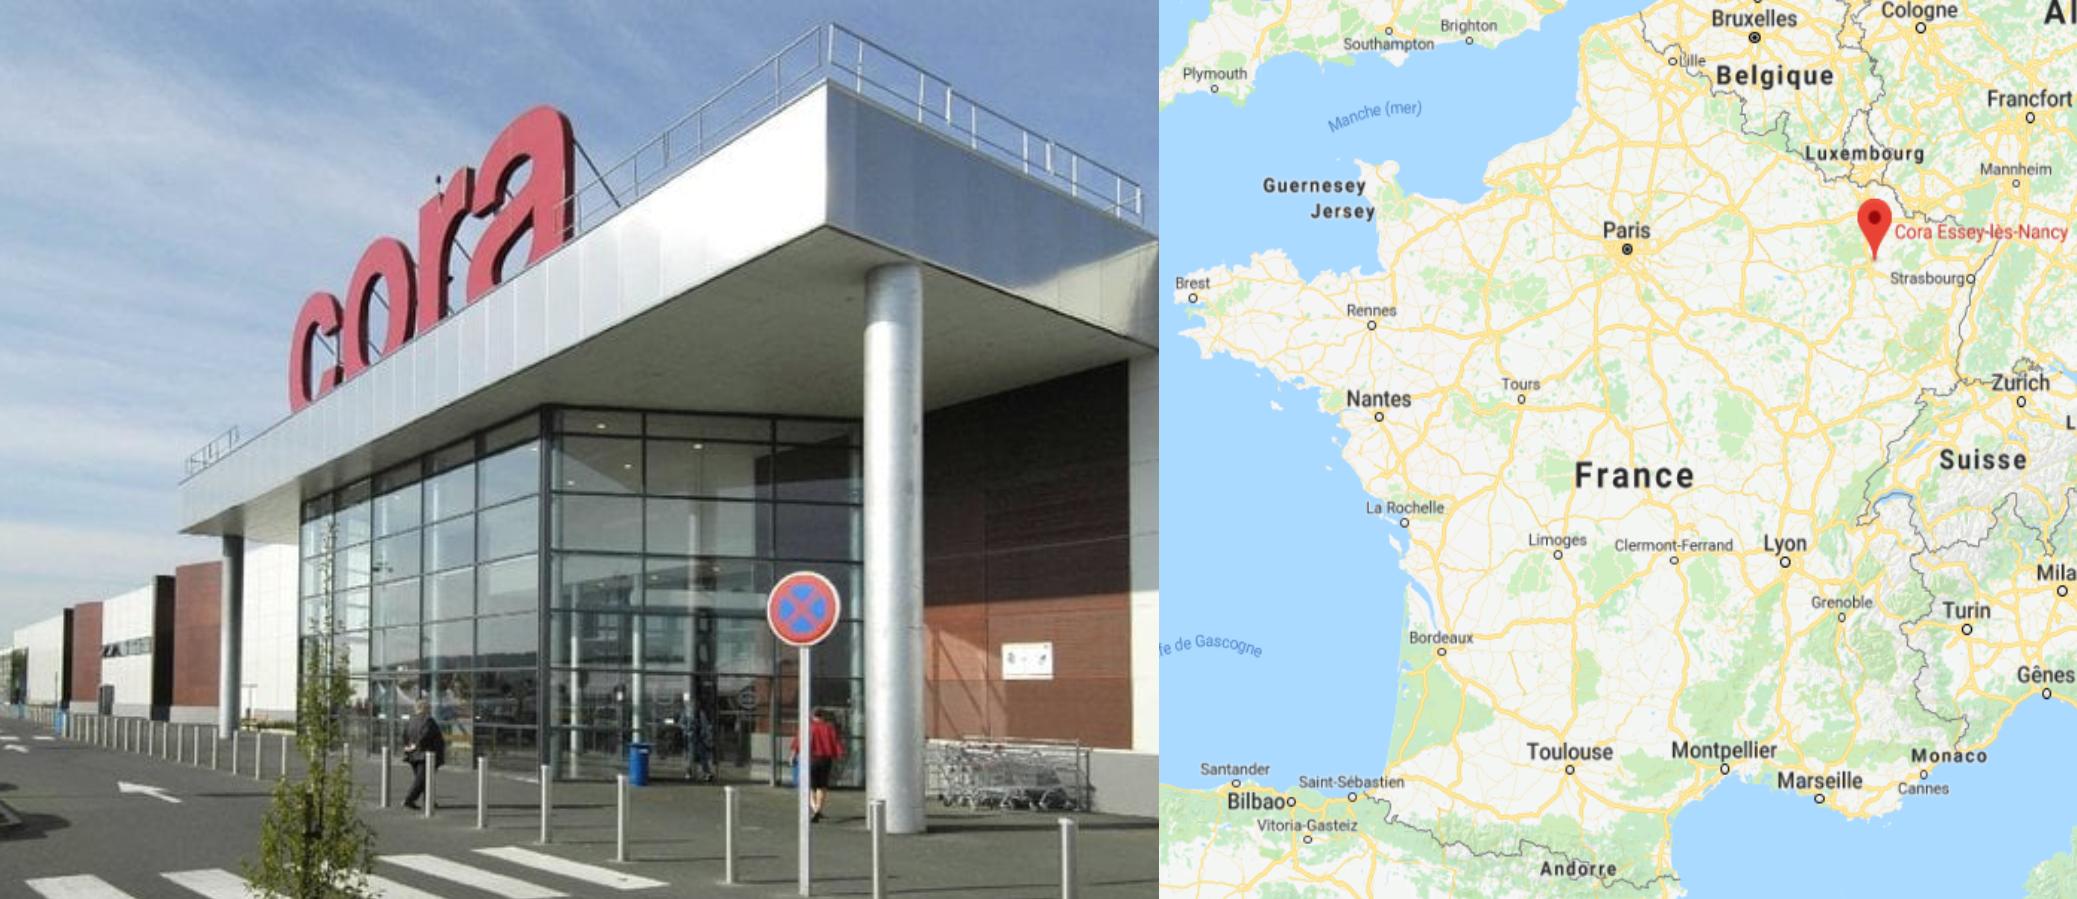 Centre commercial Cora Essay-lès-Nacy